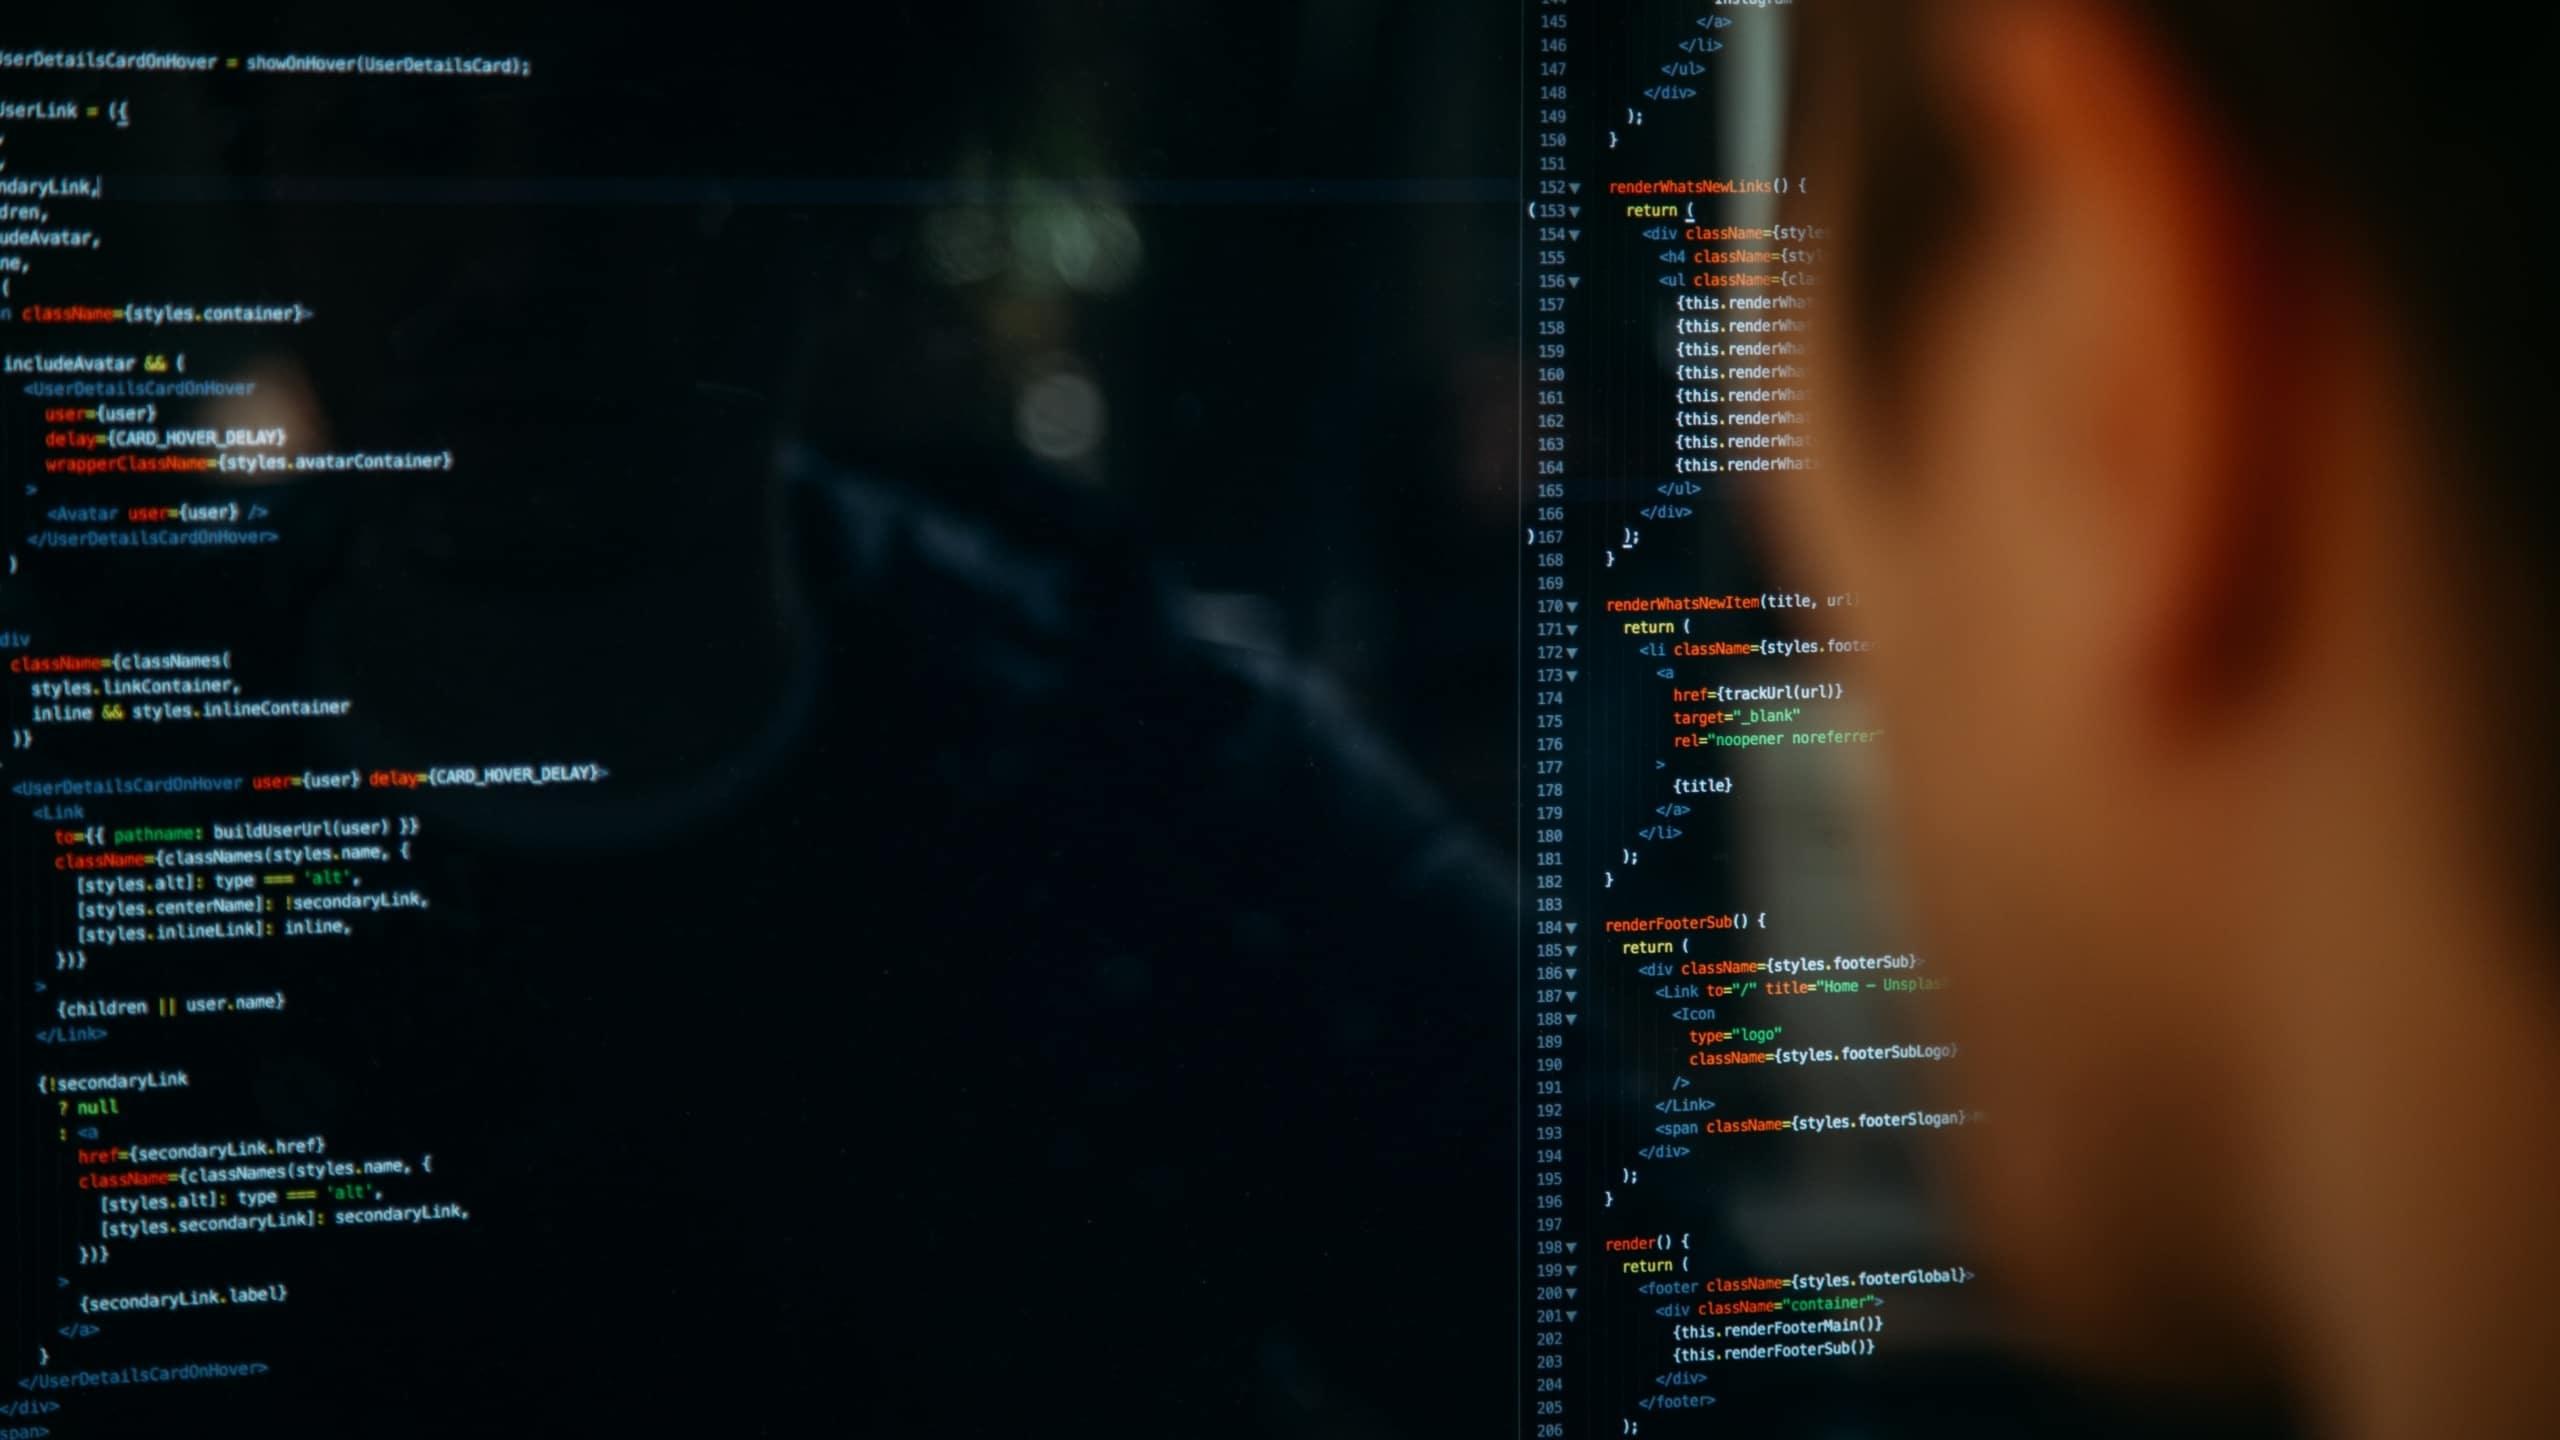 man kijkt naar scherm met codes